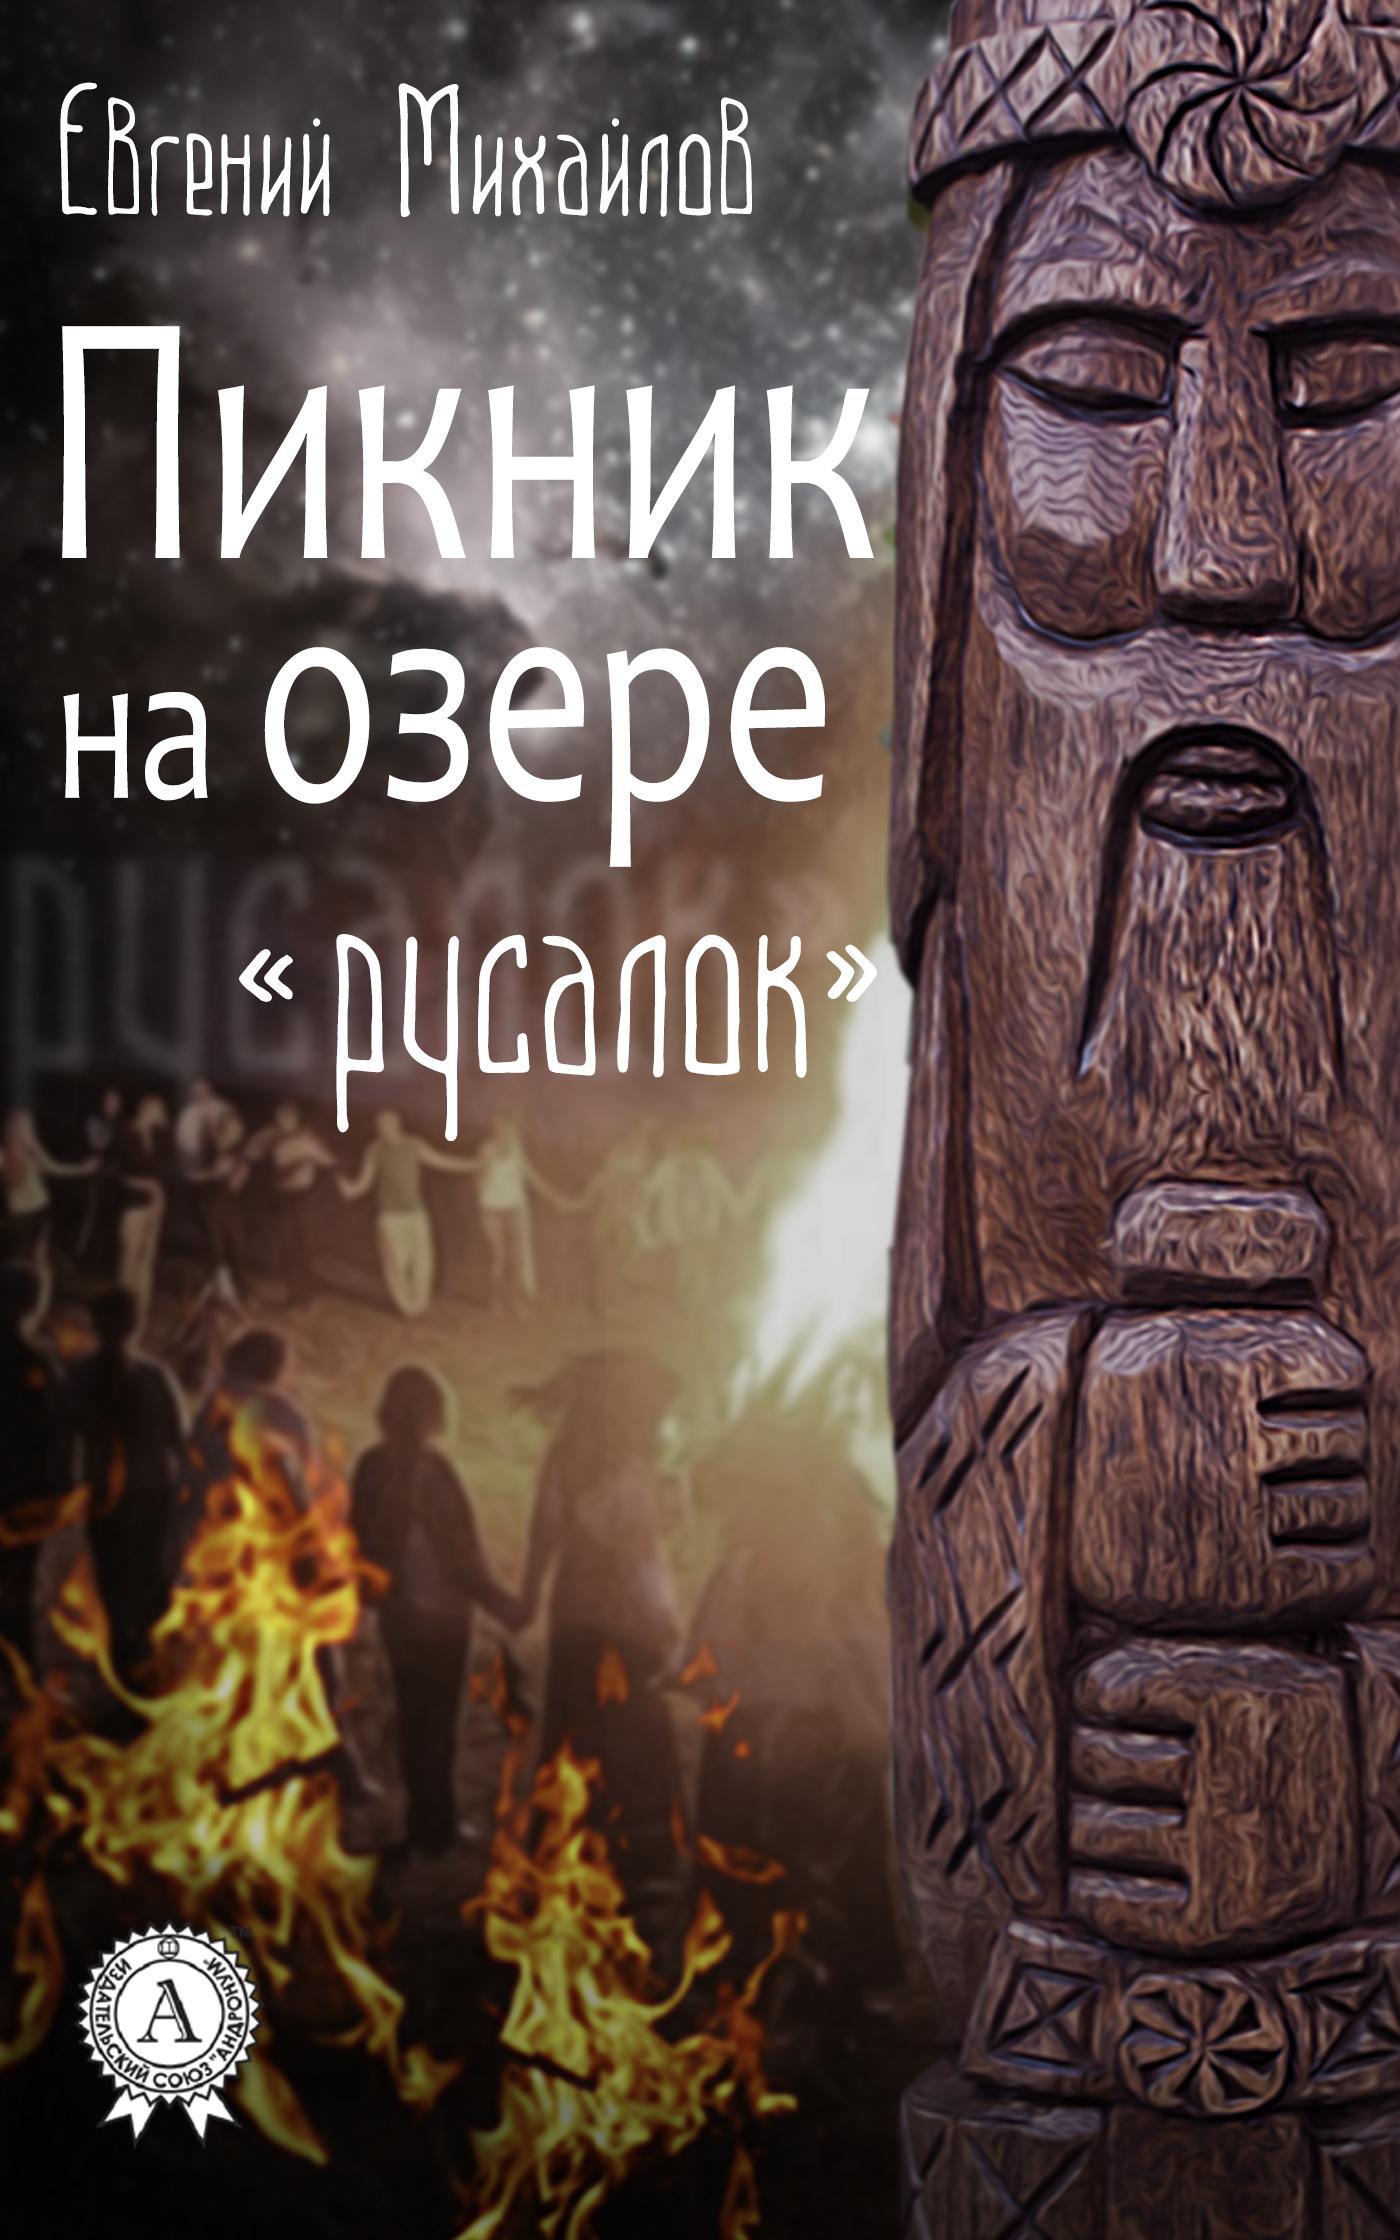 Евгений Михайлов Пикник на озере «Русалок» язычники